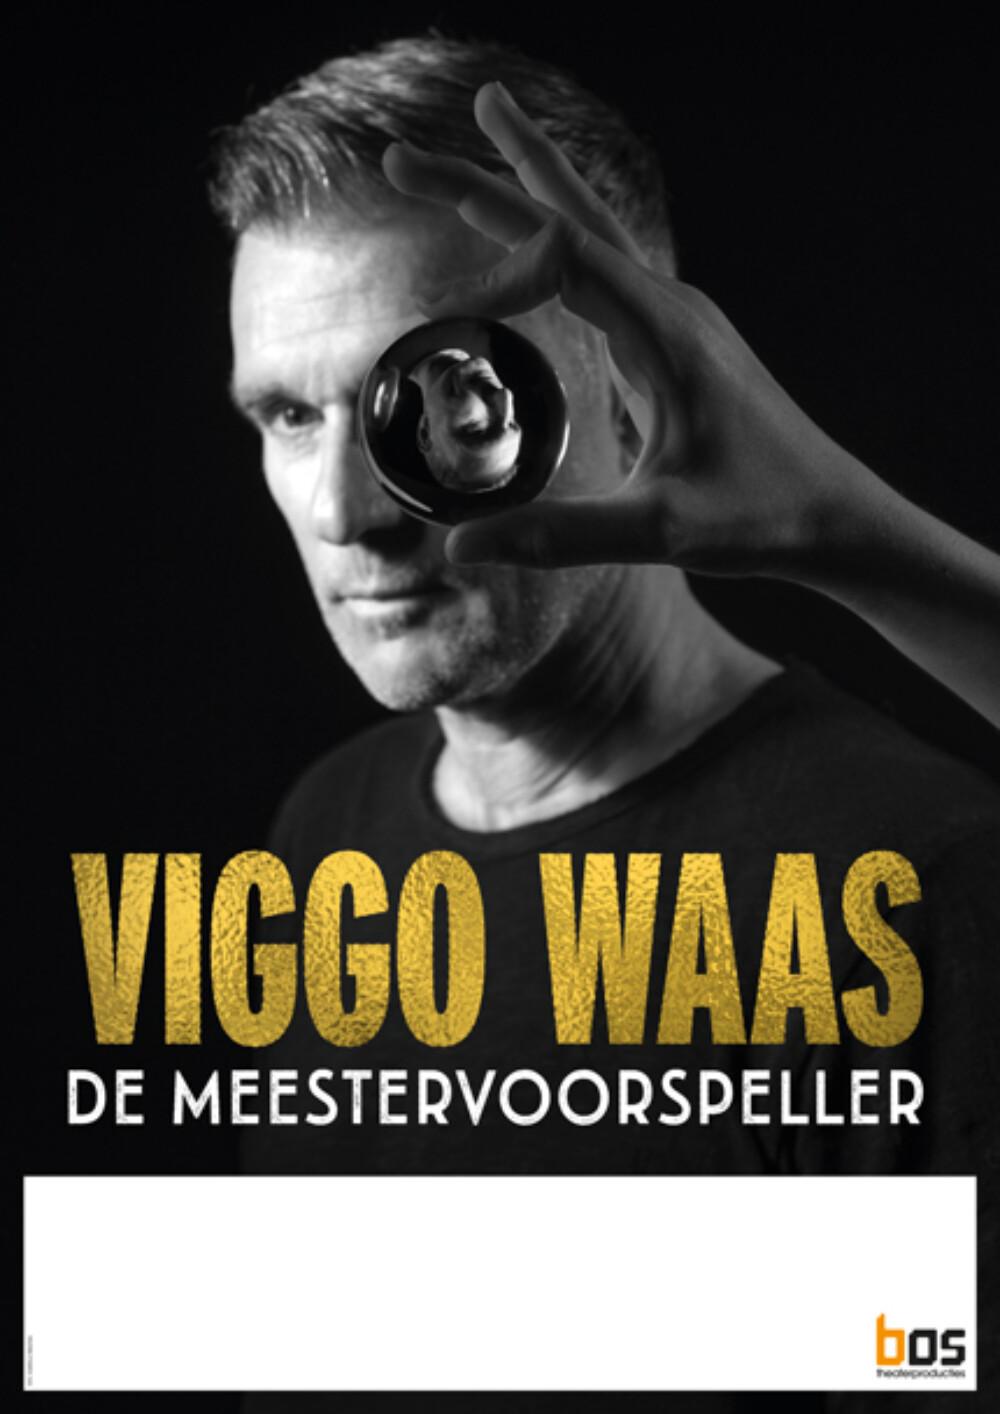 Viggo Waas - De Meestervoorspeller